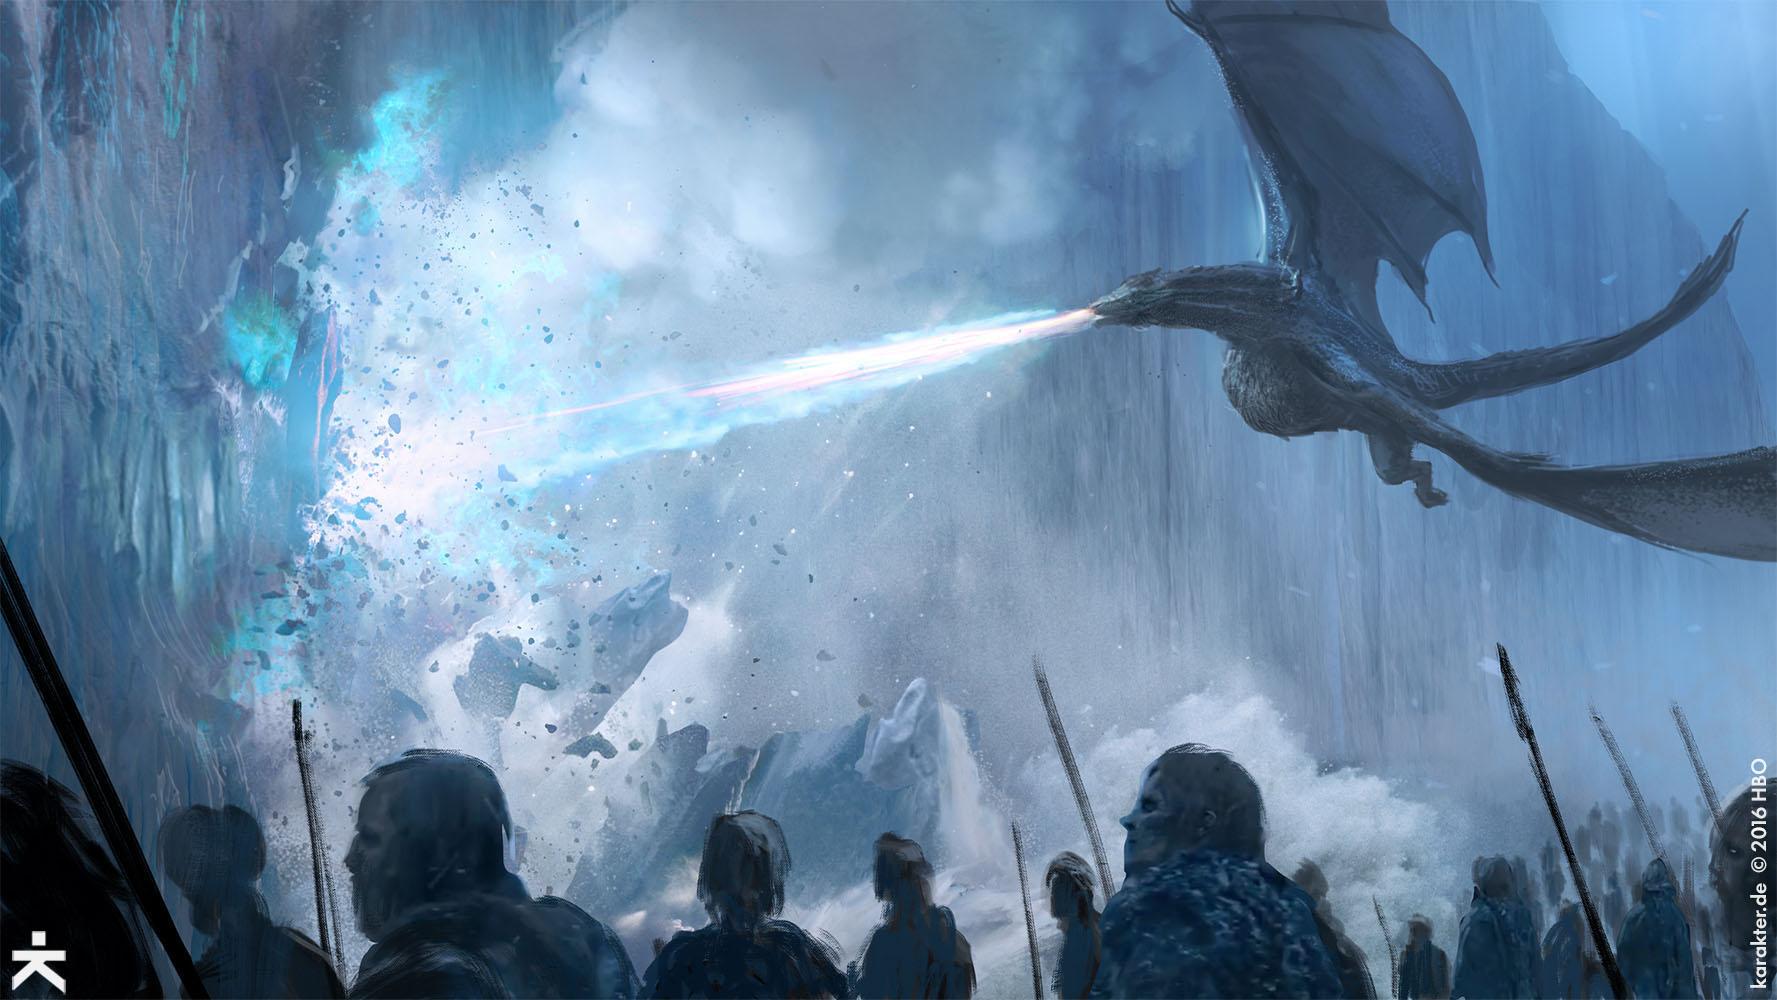 """""""Game of Thrones 7"""" kết thúc trong cảnh Bức Tường phía Bắc chính thức sụp đổ, mở ra cuộc chiến vĩ đại nhất giữa loài người và bầy quỷ thây ma."""